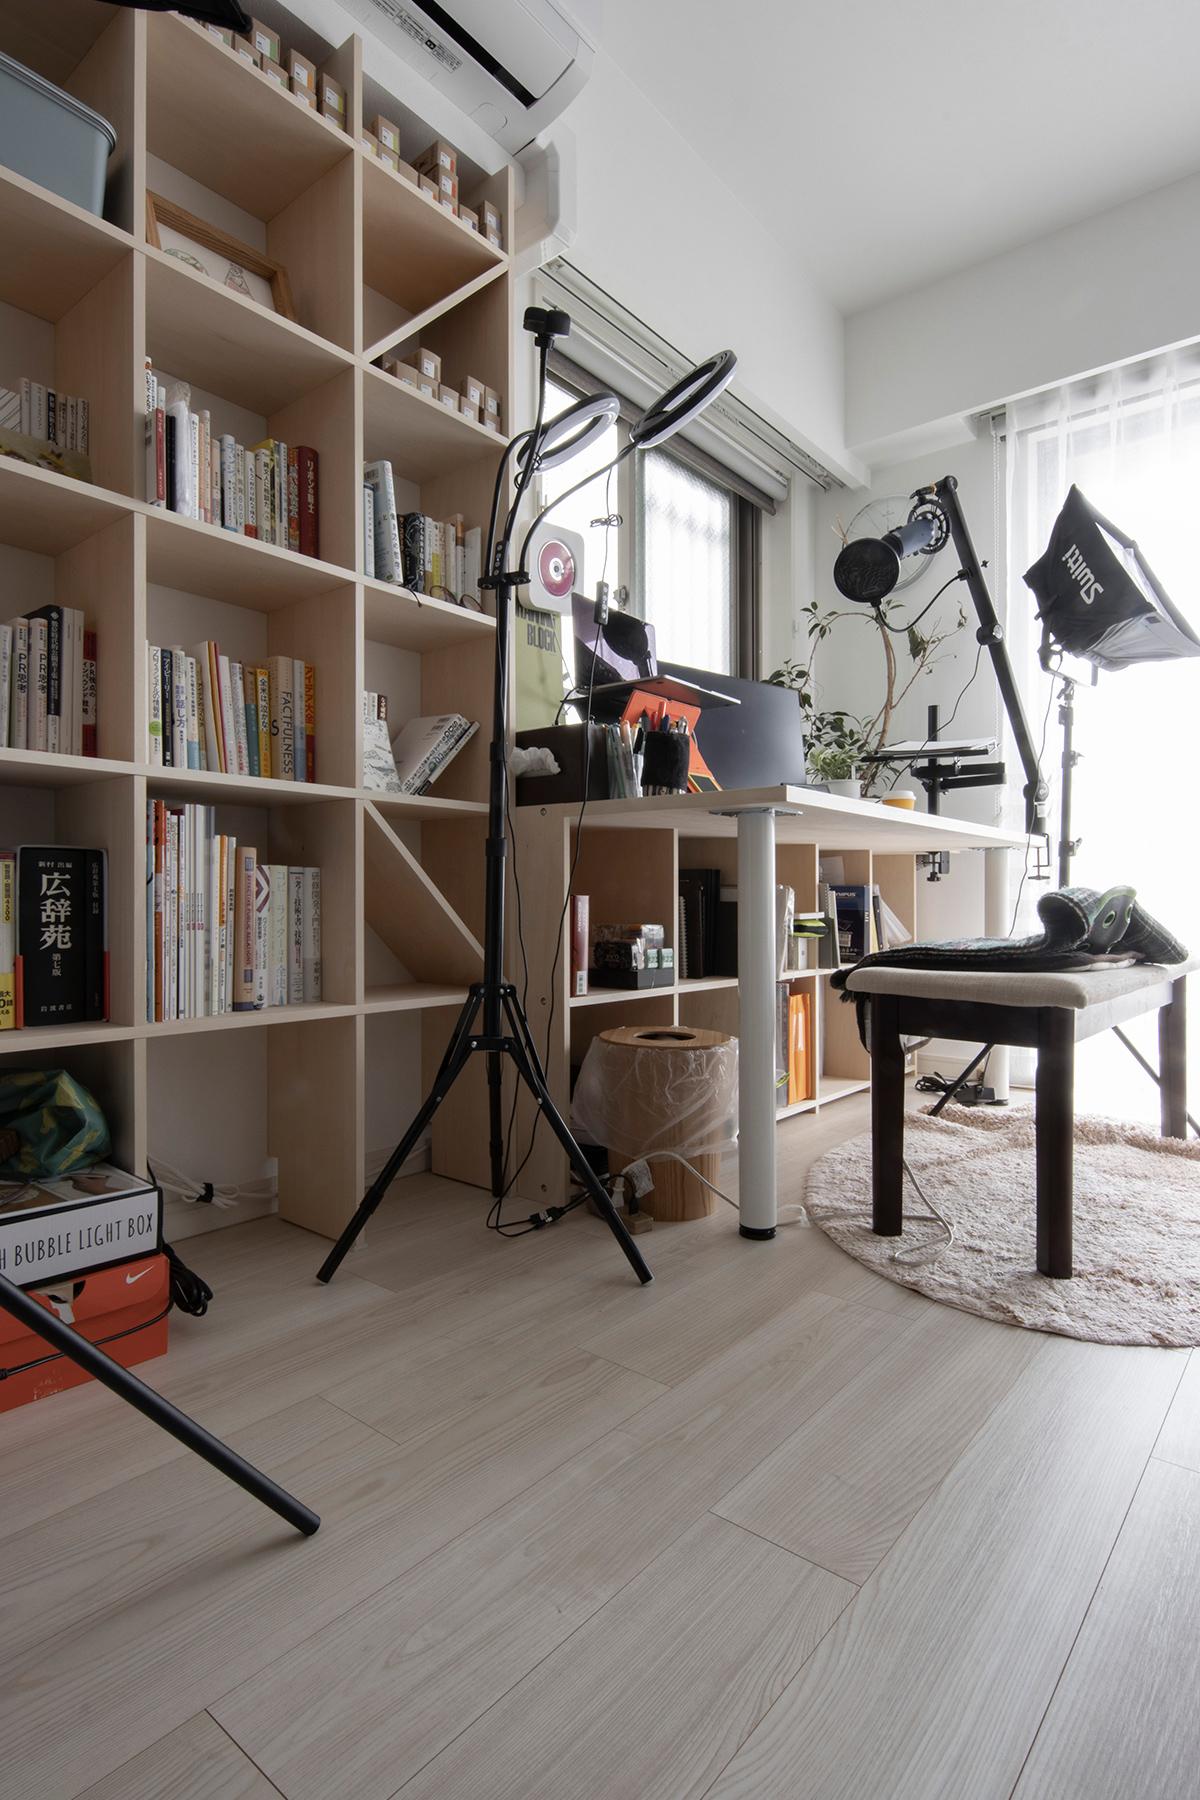 情報発信基地に | 壁一面の本棚 奥行250mm / Shelf (No.88) | マルゲリータ使用例 シンプル おしゃれ 部屋 インテリア レイアウト